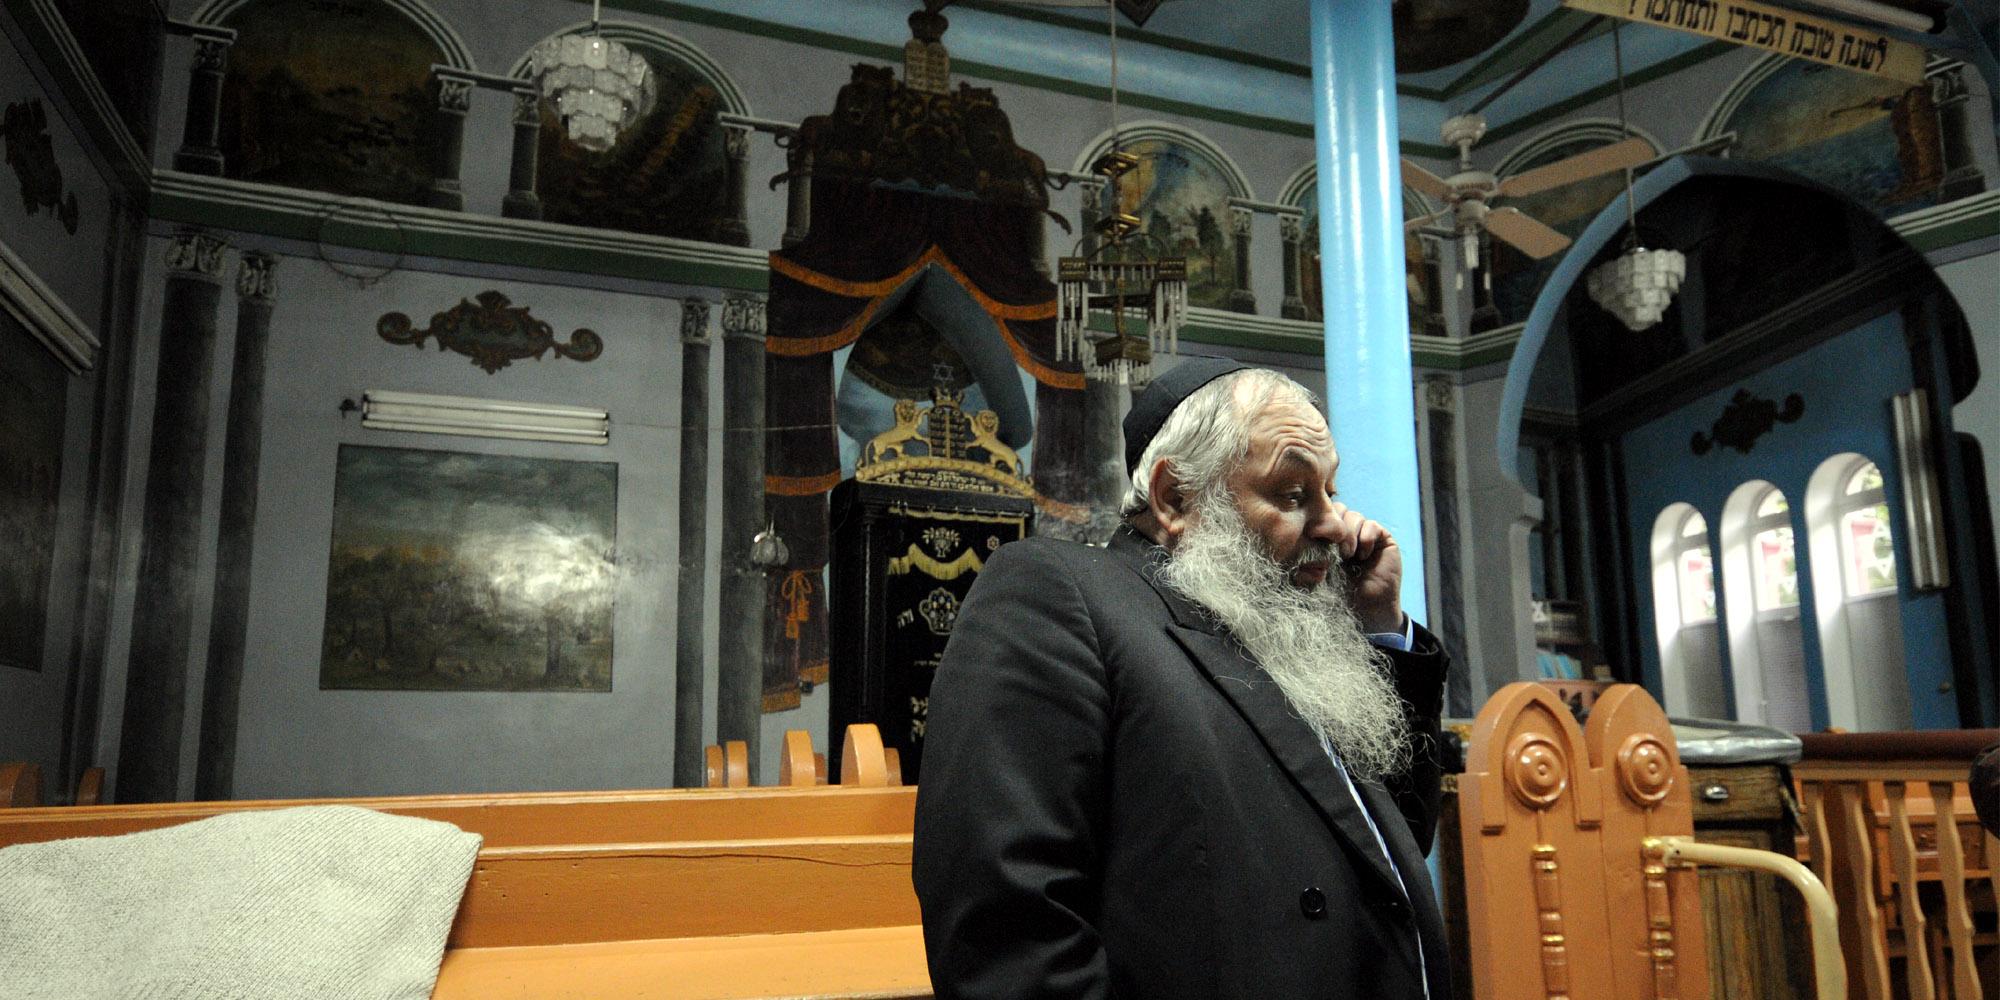 czernowitz-rabbi.jpg